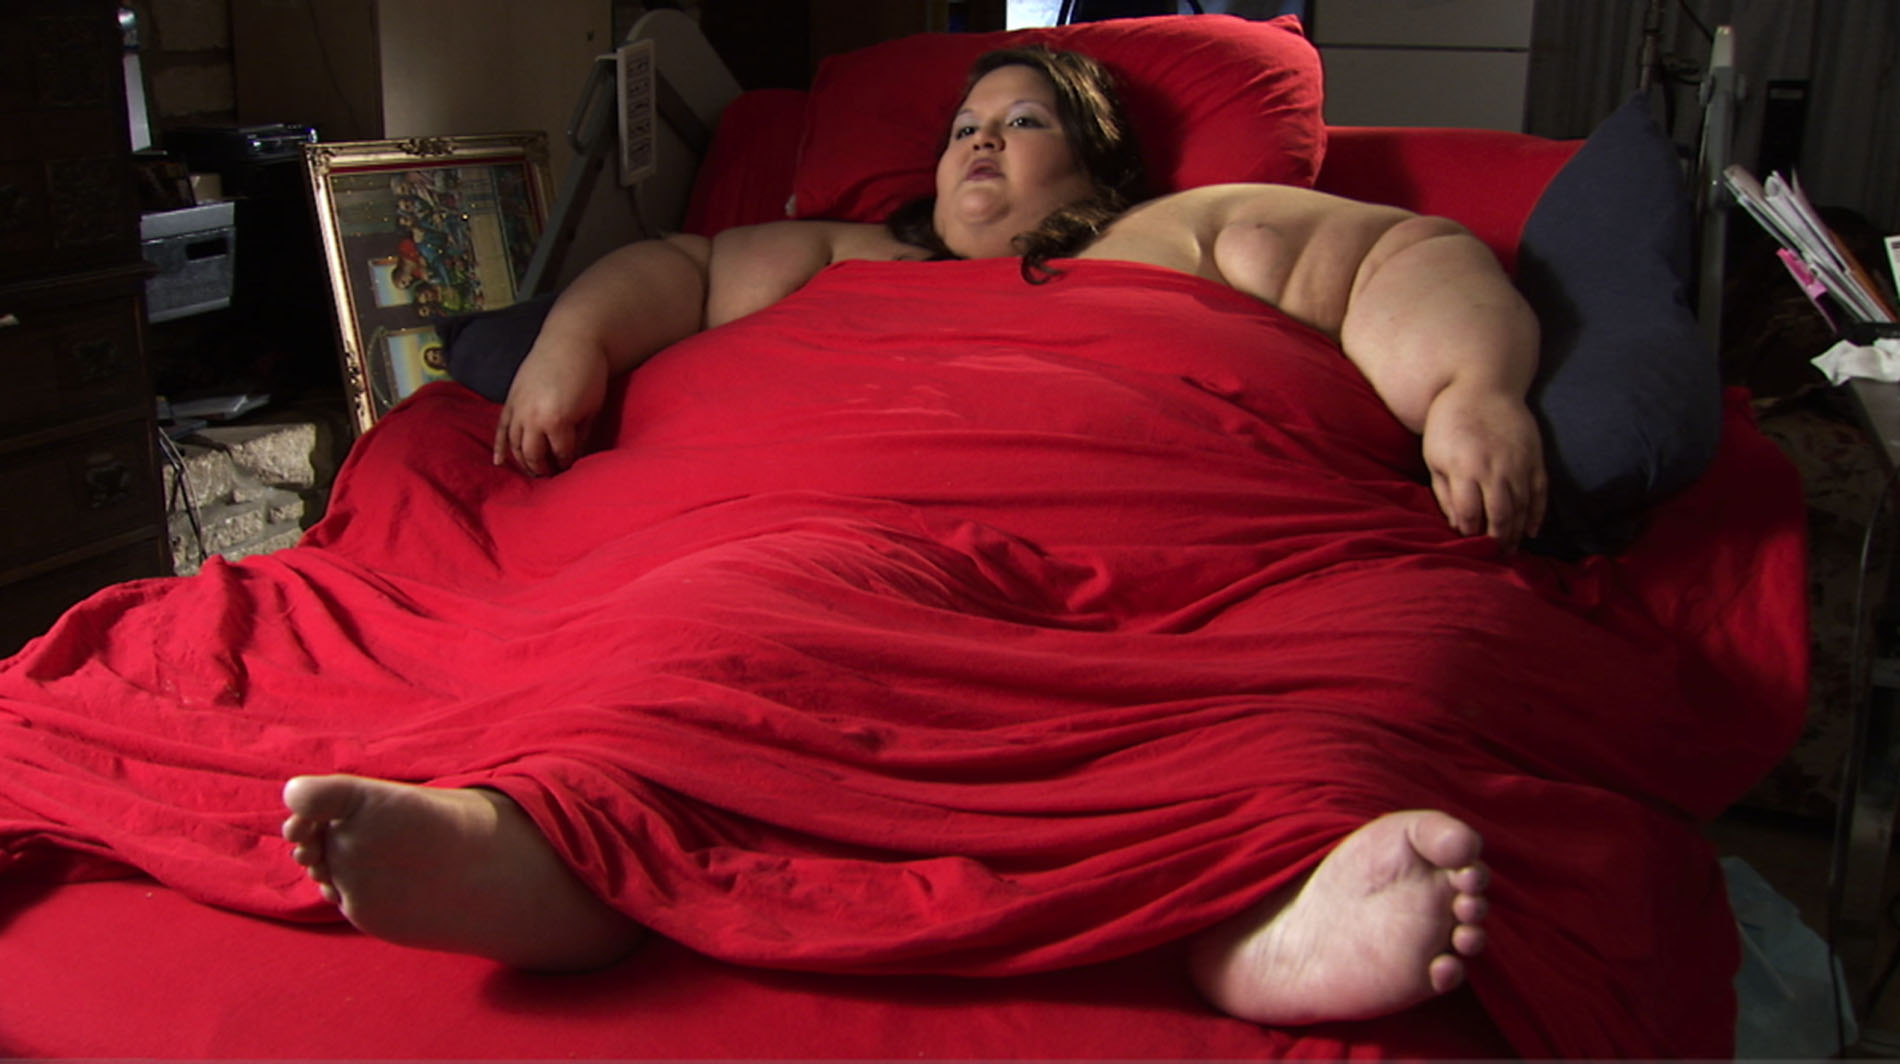 Фото с толстыми женщинами 17 фотография